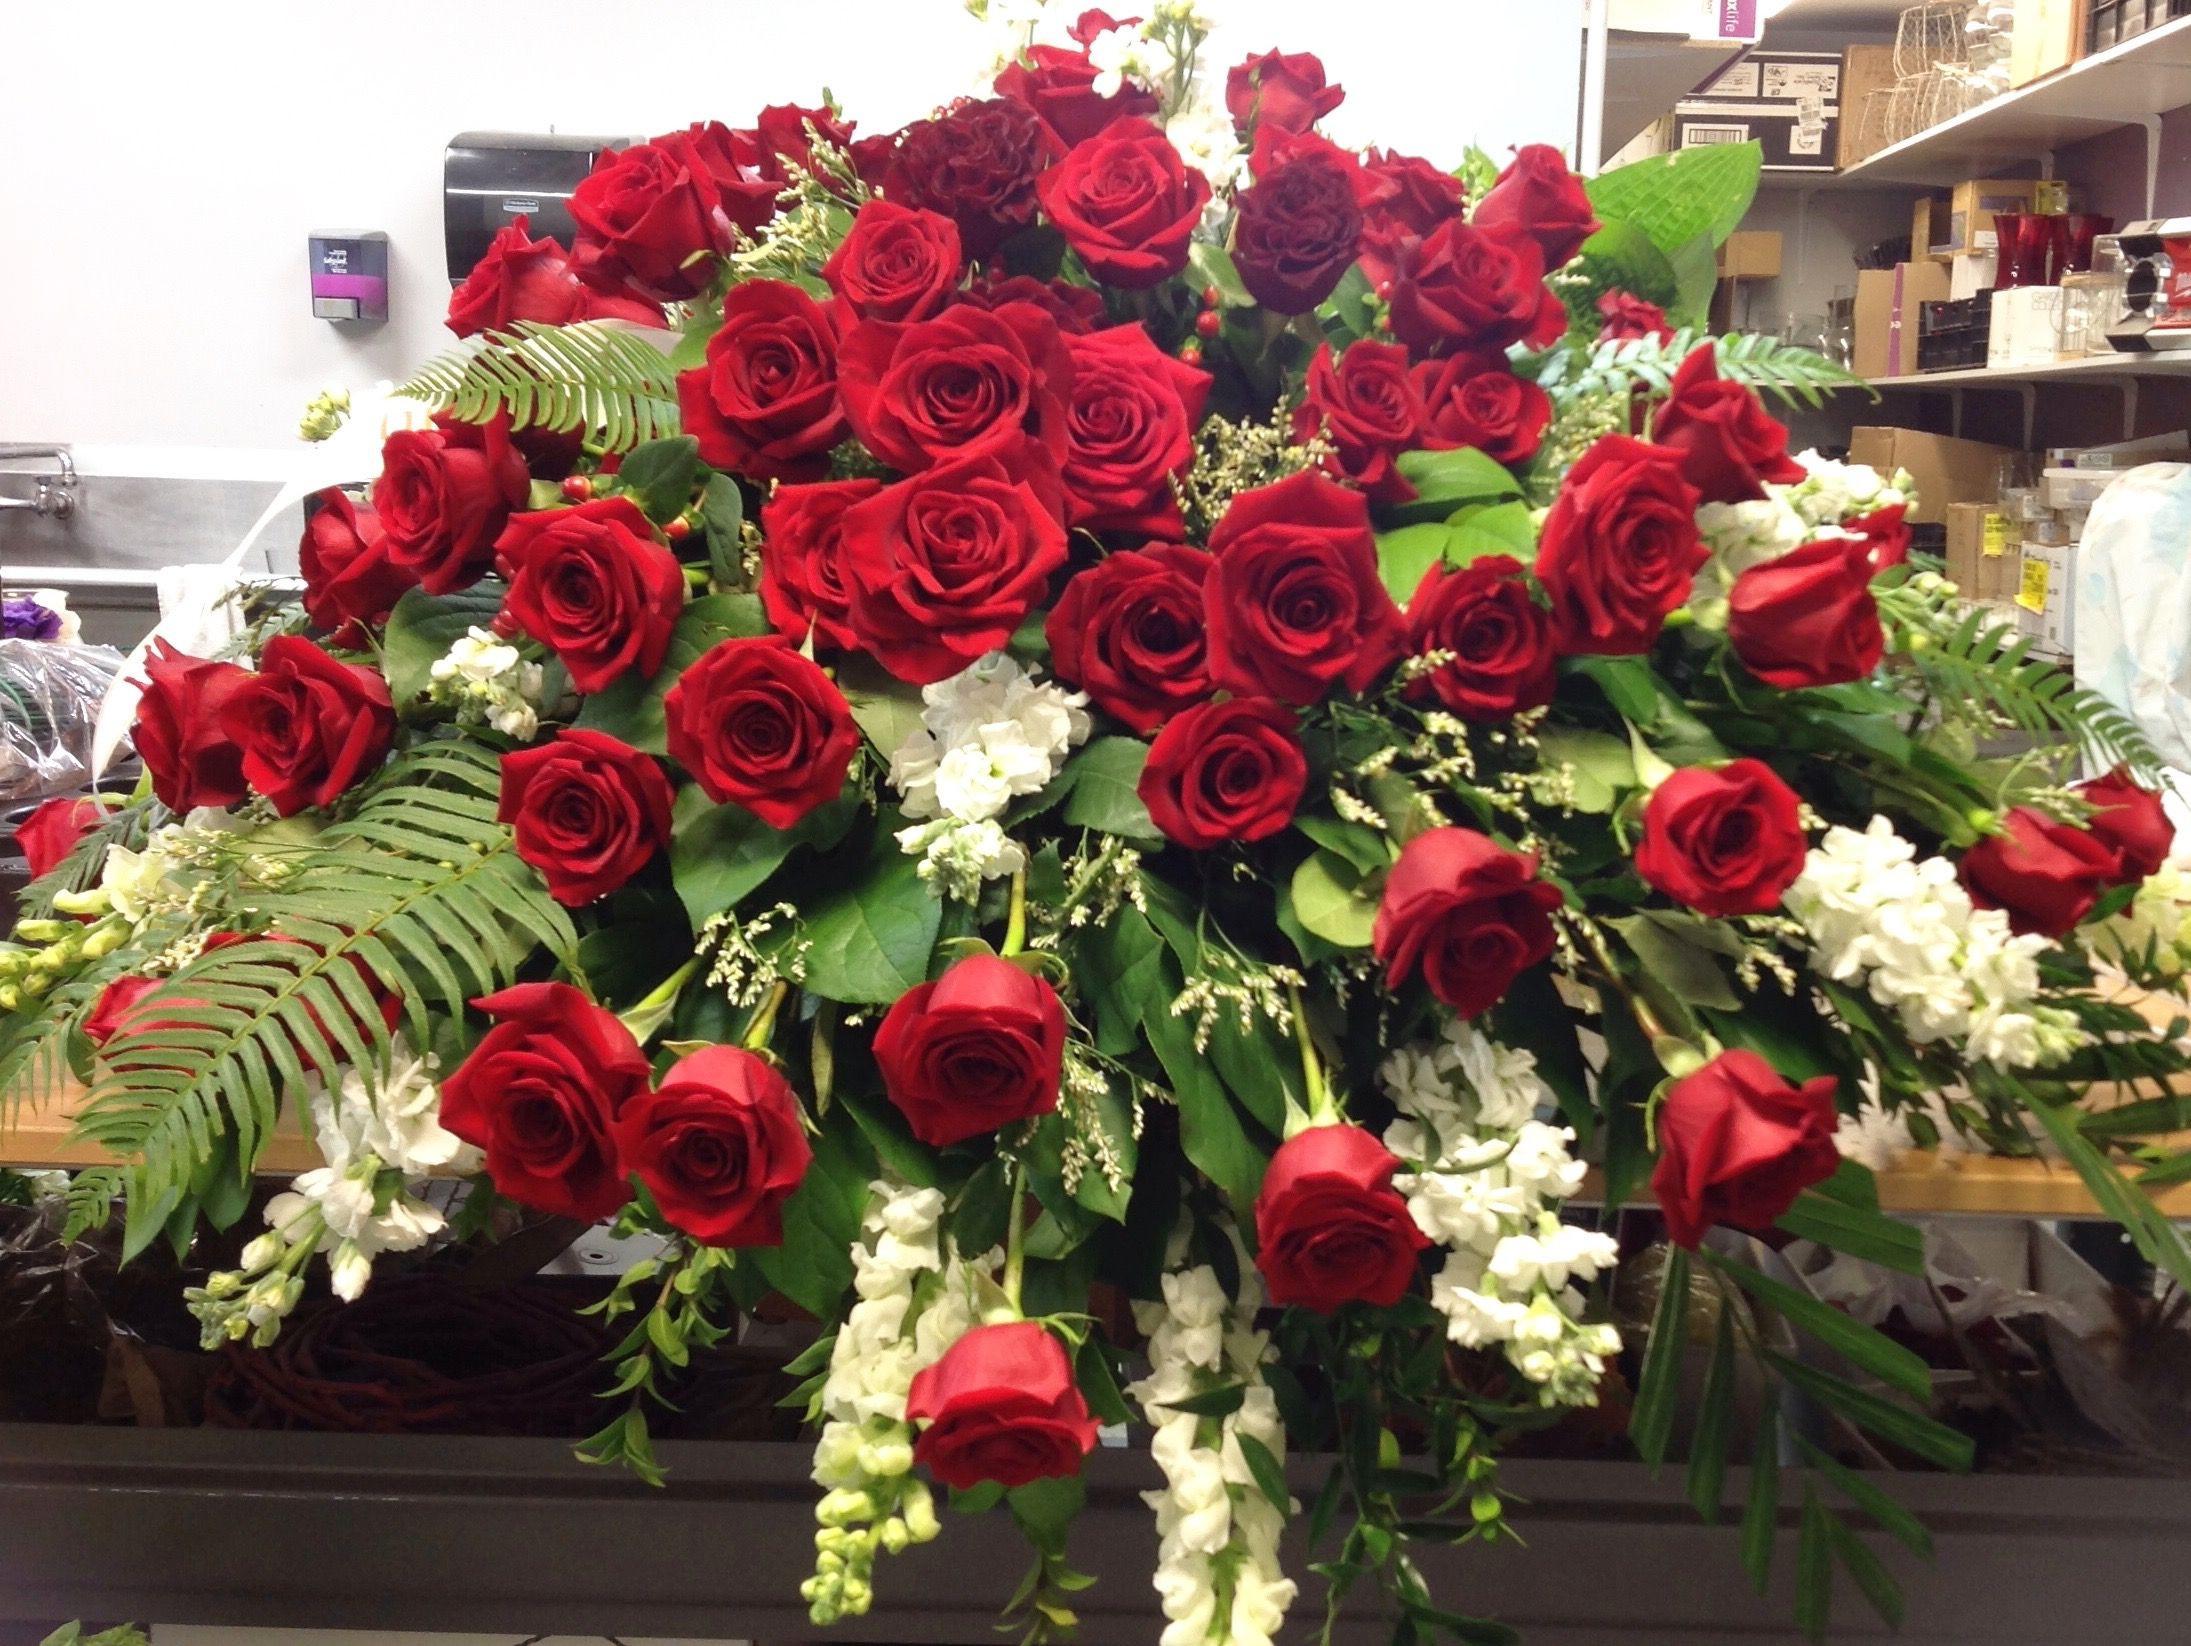 14 best floral arrangements images on Pinterest